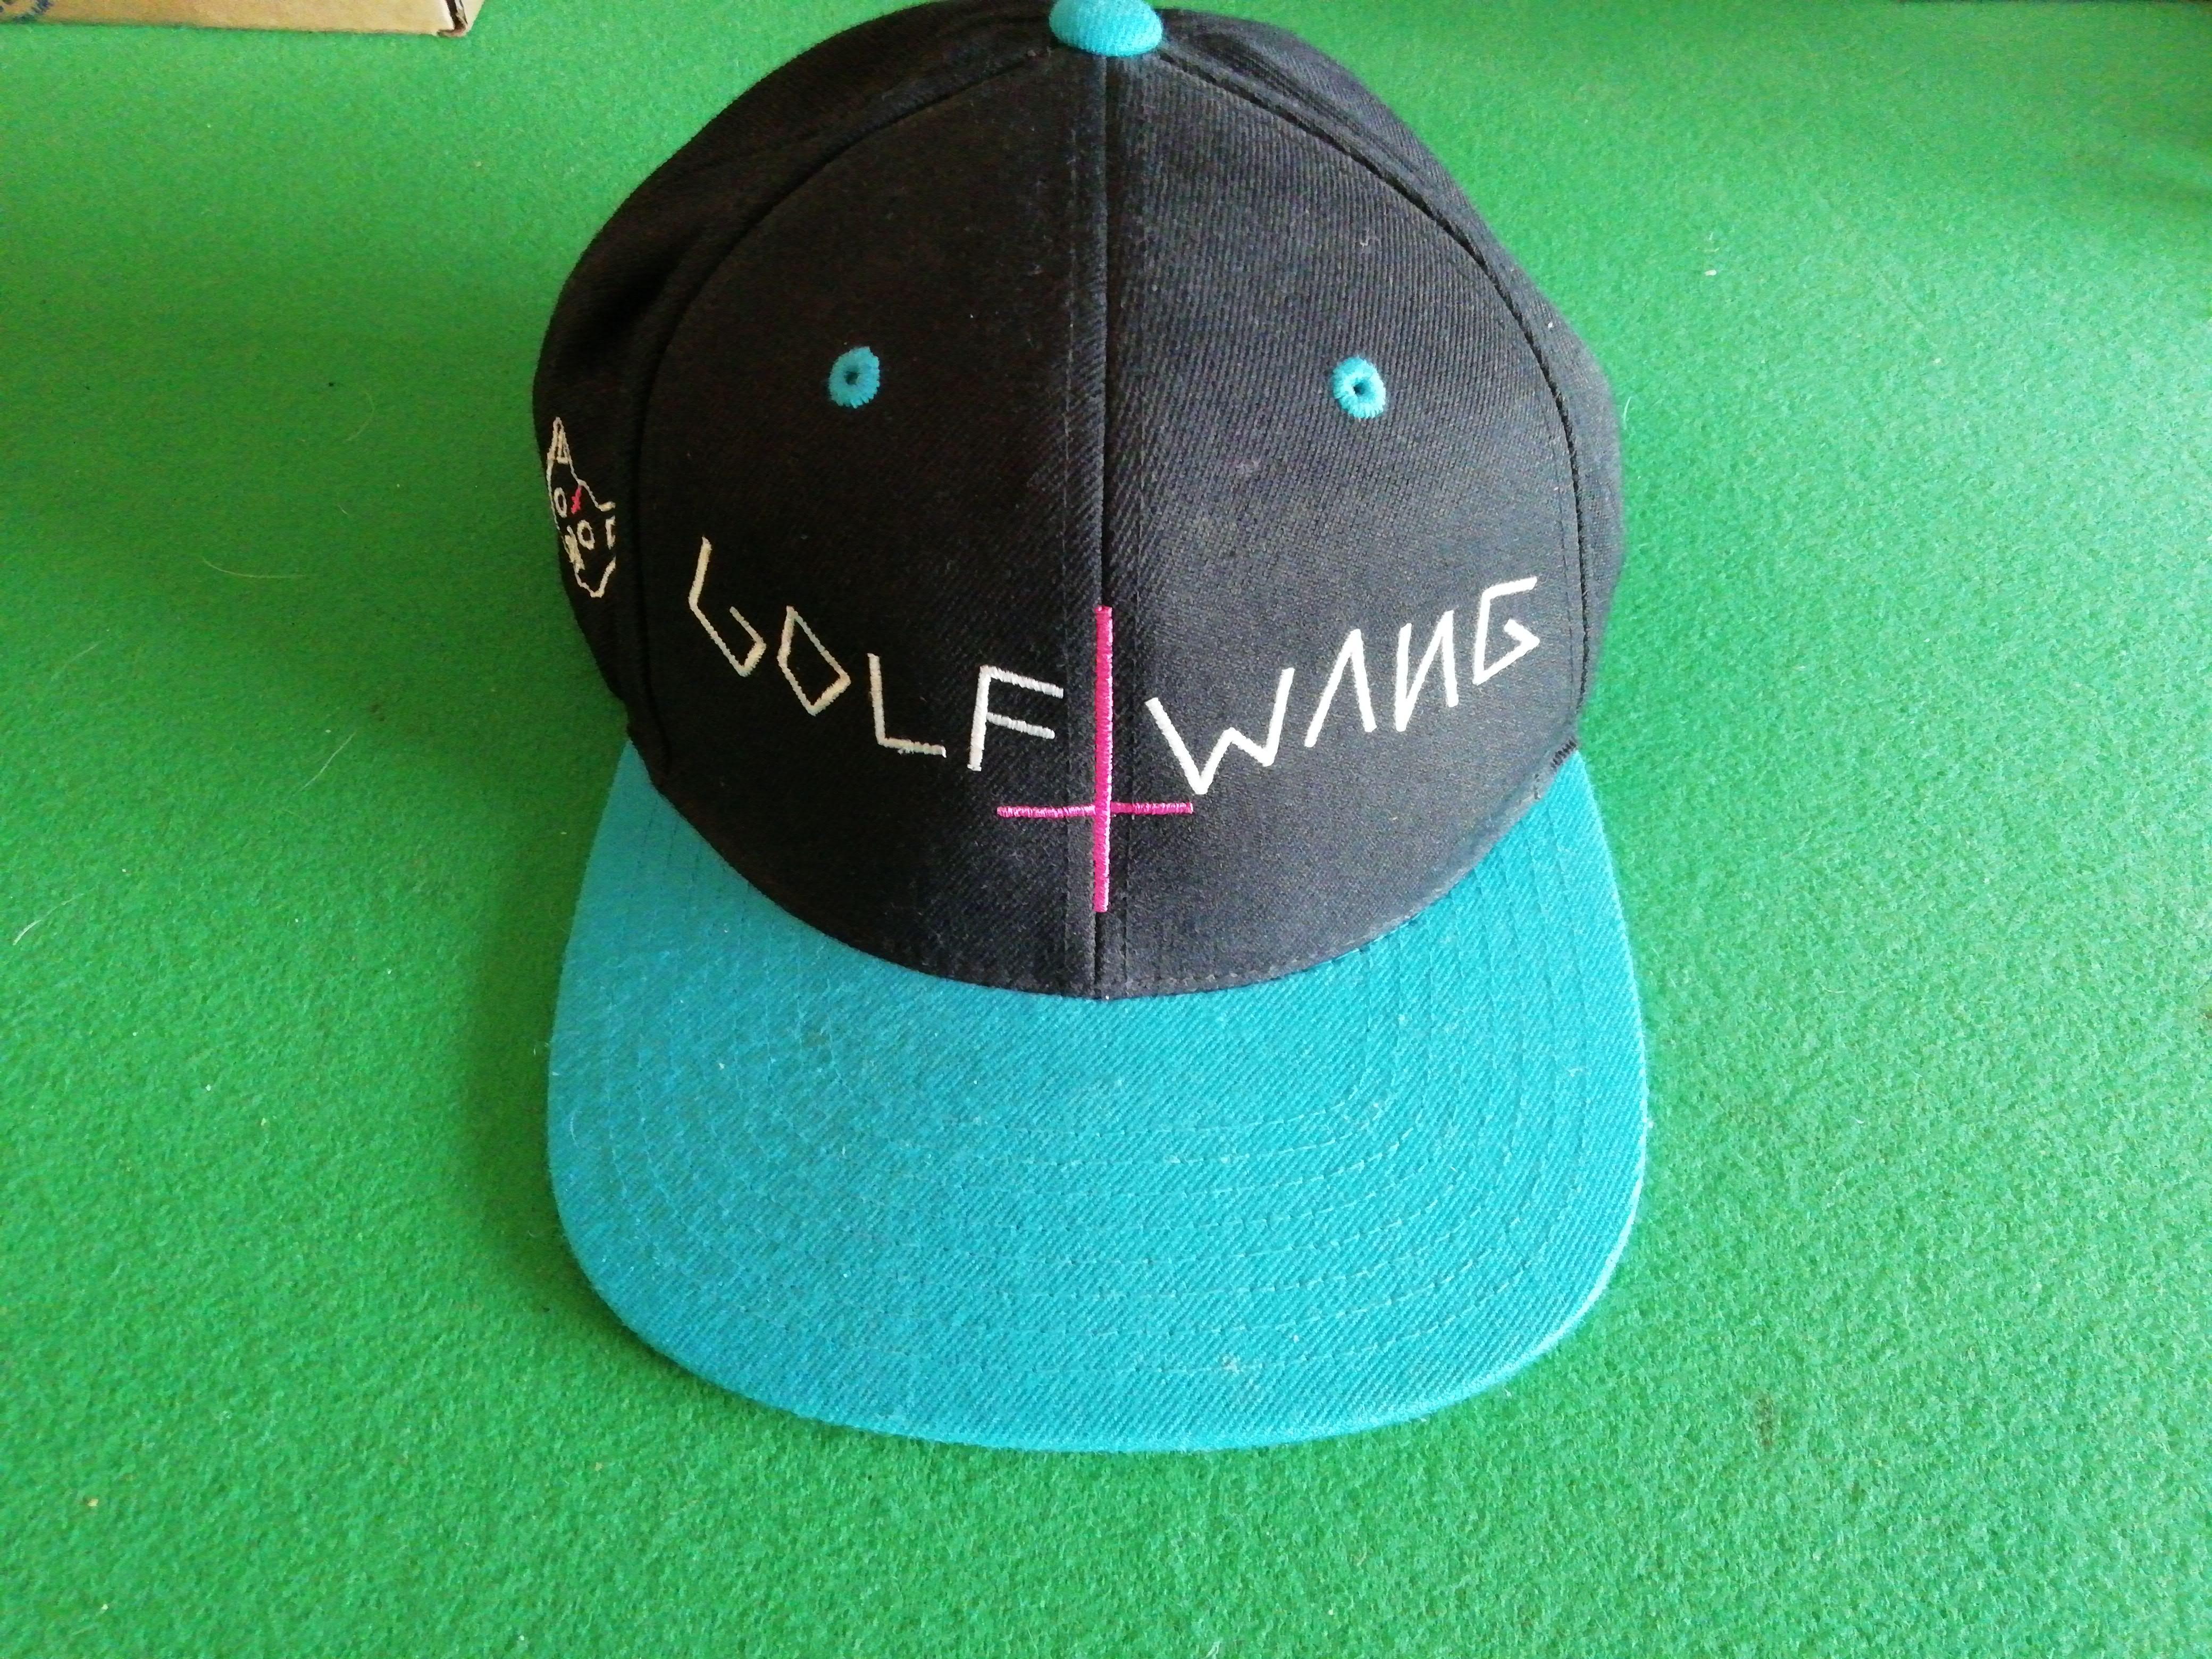 ec72522c76292 Golf Wang Golf Wang Snapback Cap Green Black Blue Cross Hat Odd ...